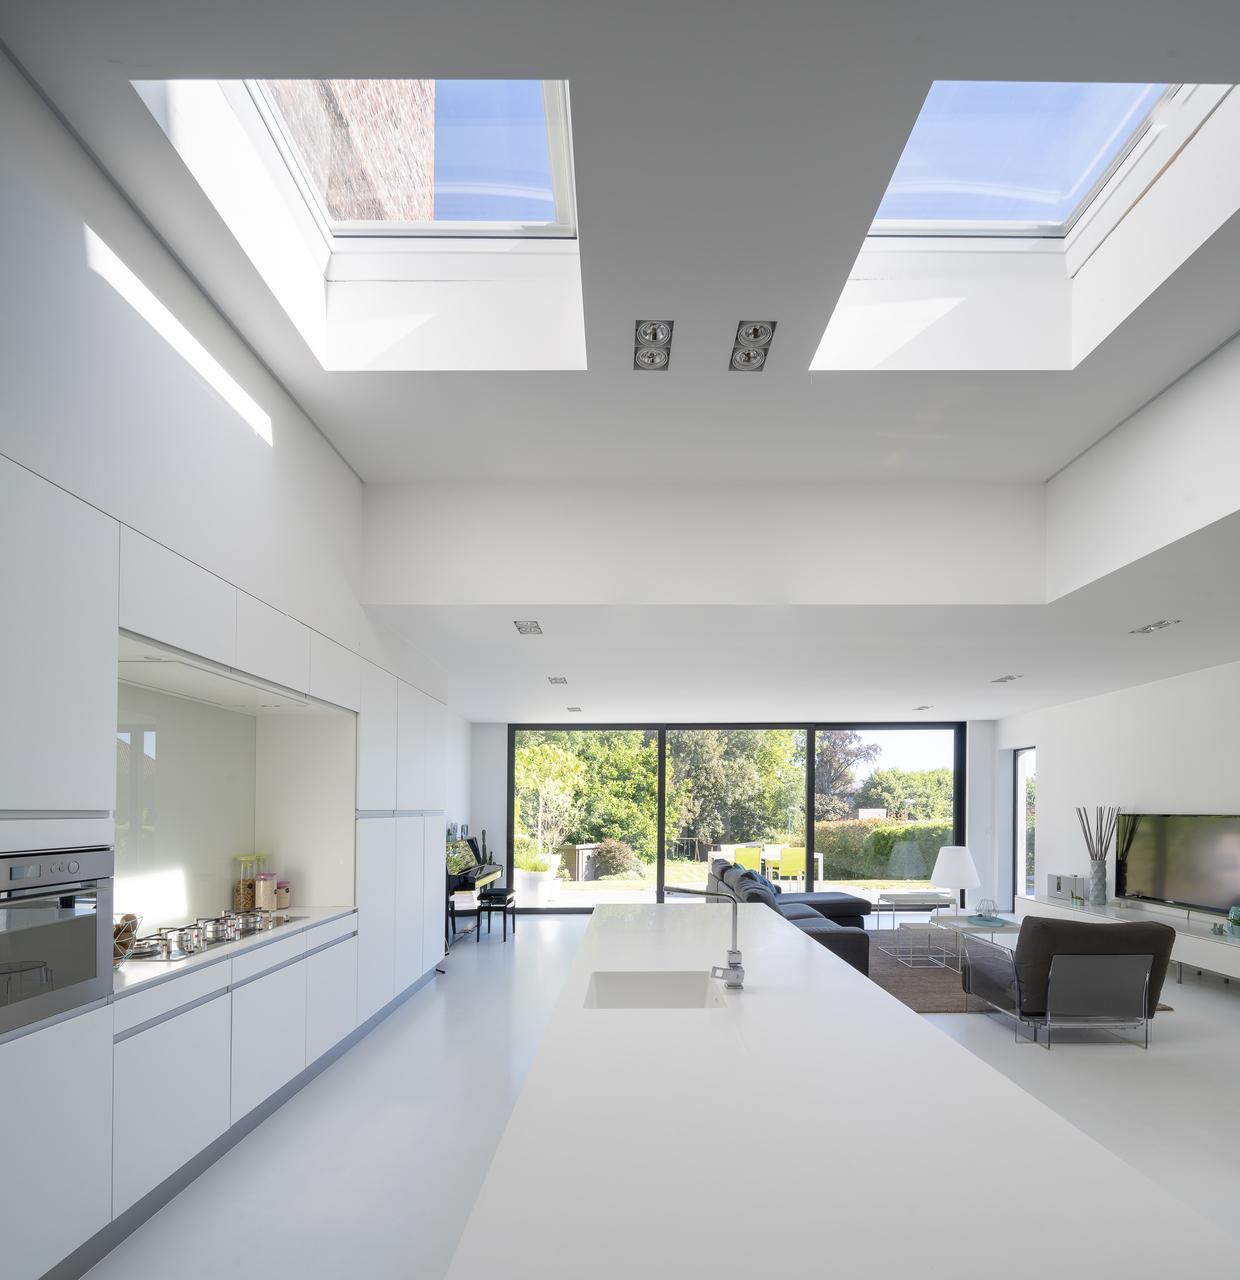 estensione con finestre per tetti